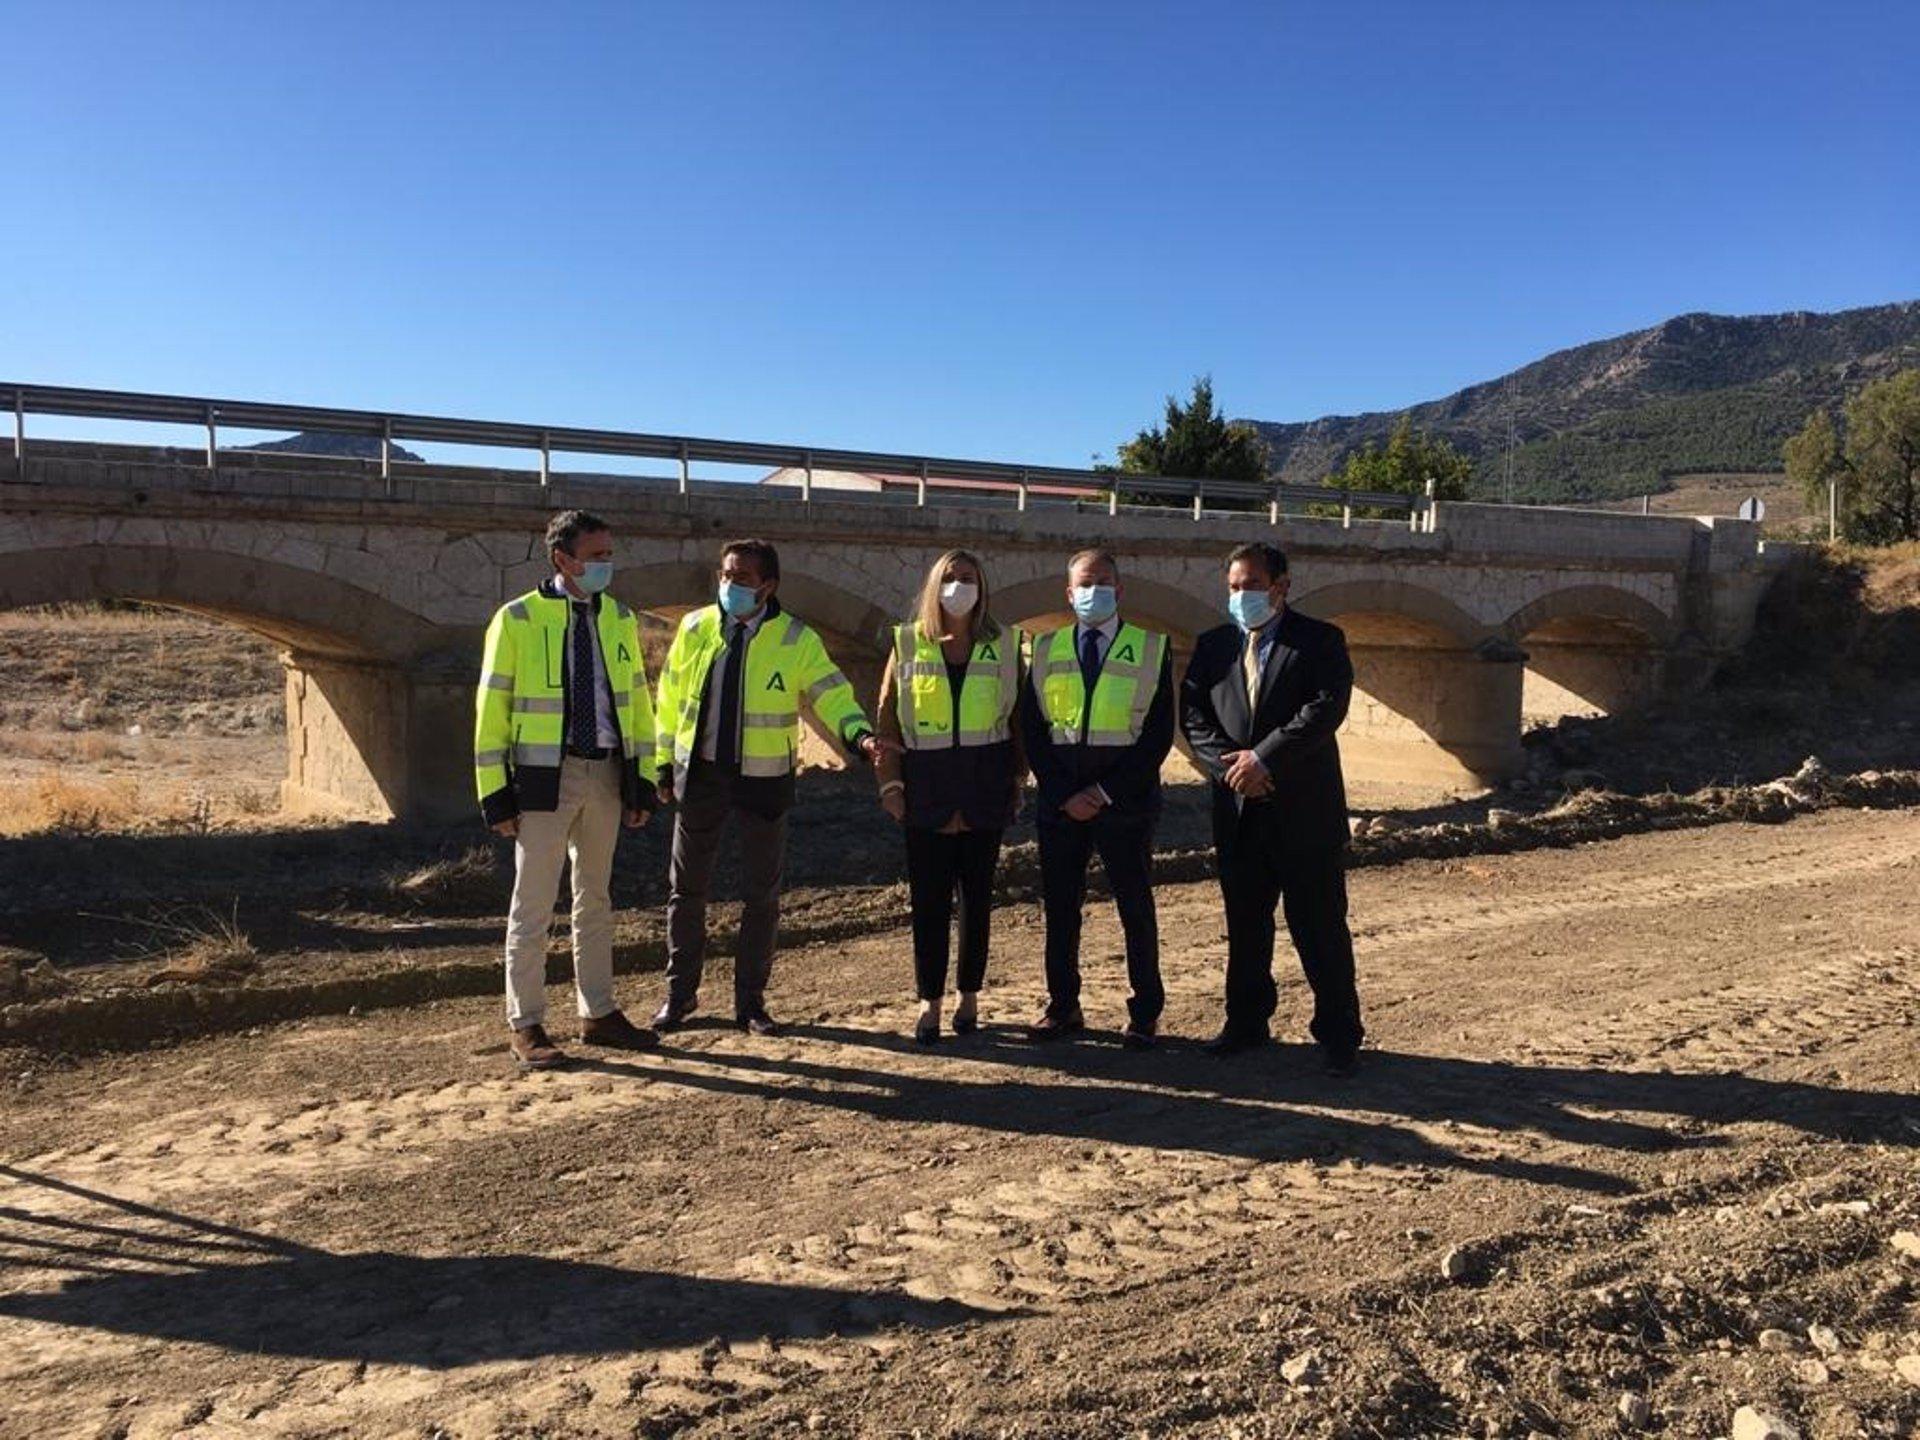 La Junta comienza las obras de ampliación del puente a la entrada de Puebla de Don Fadrique